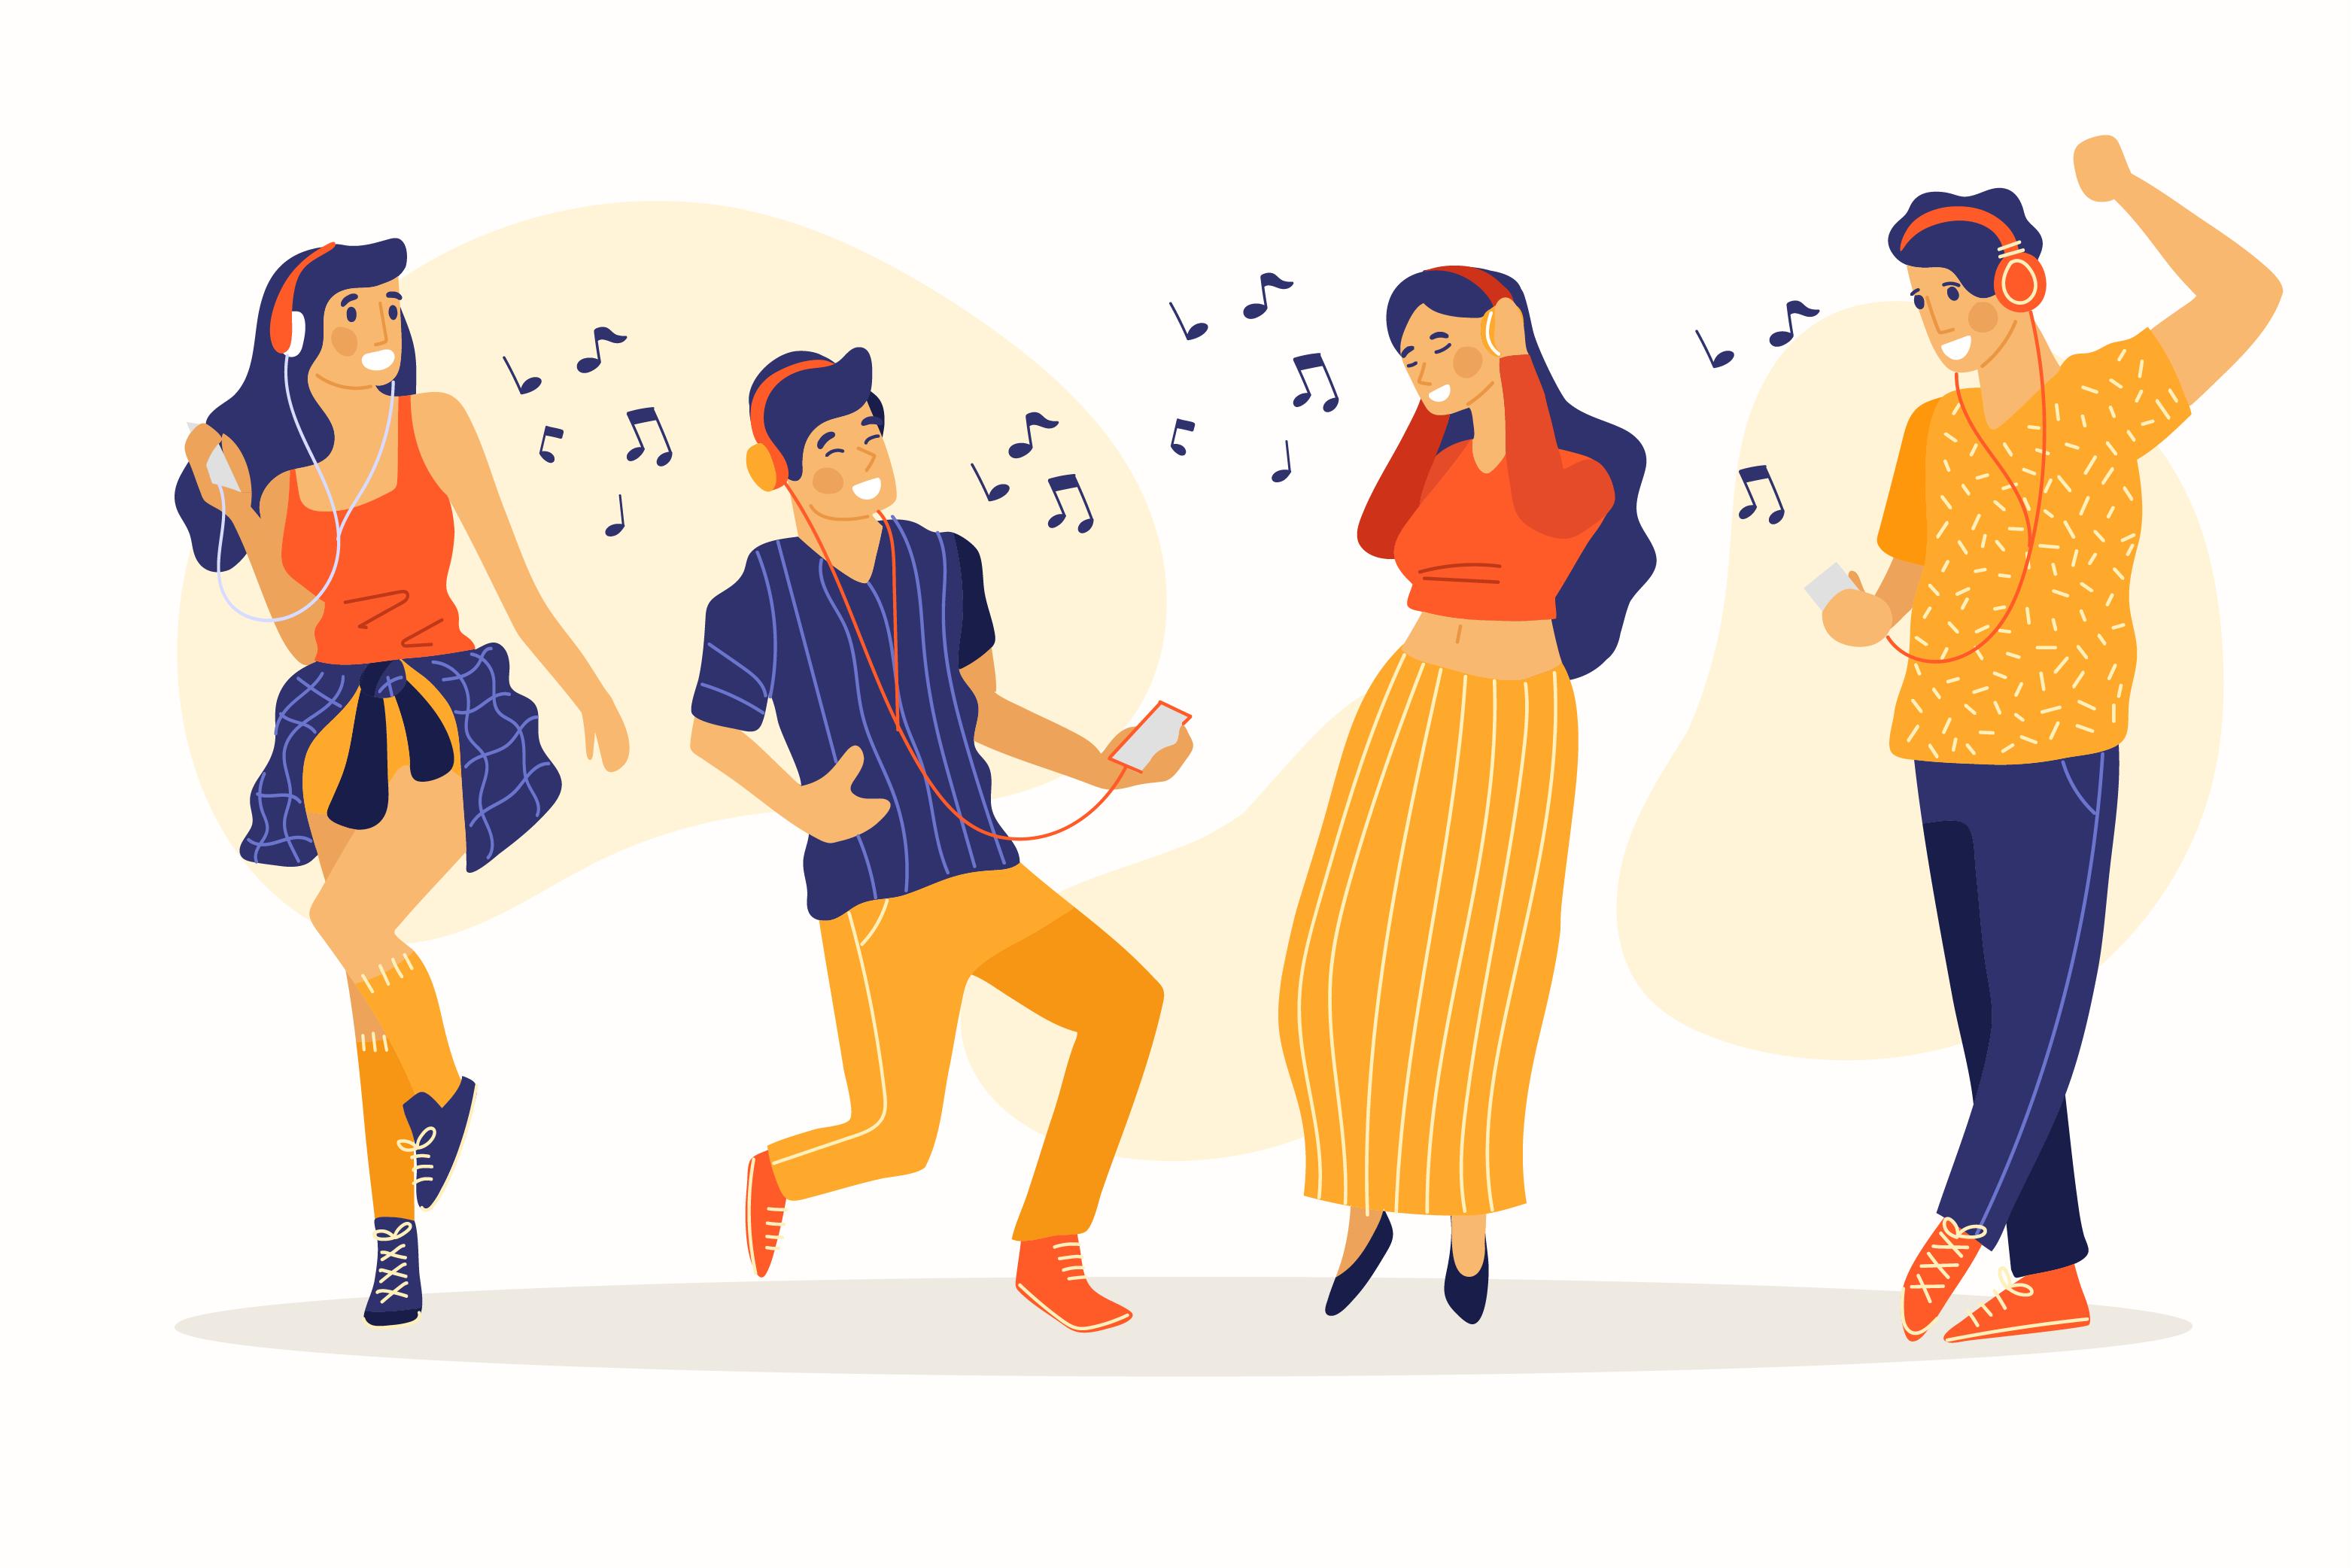 Writer's block tips - Dance like nobody's watching